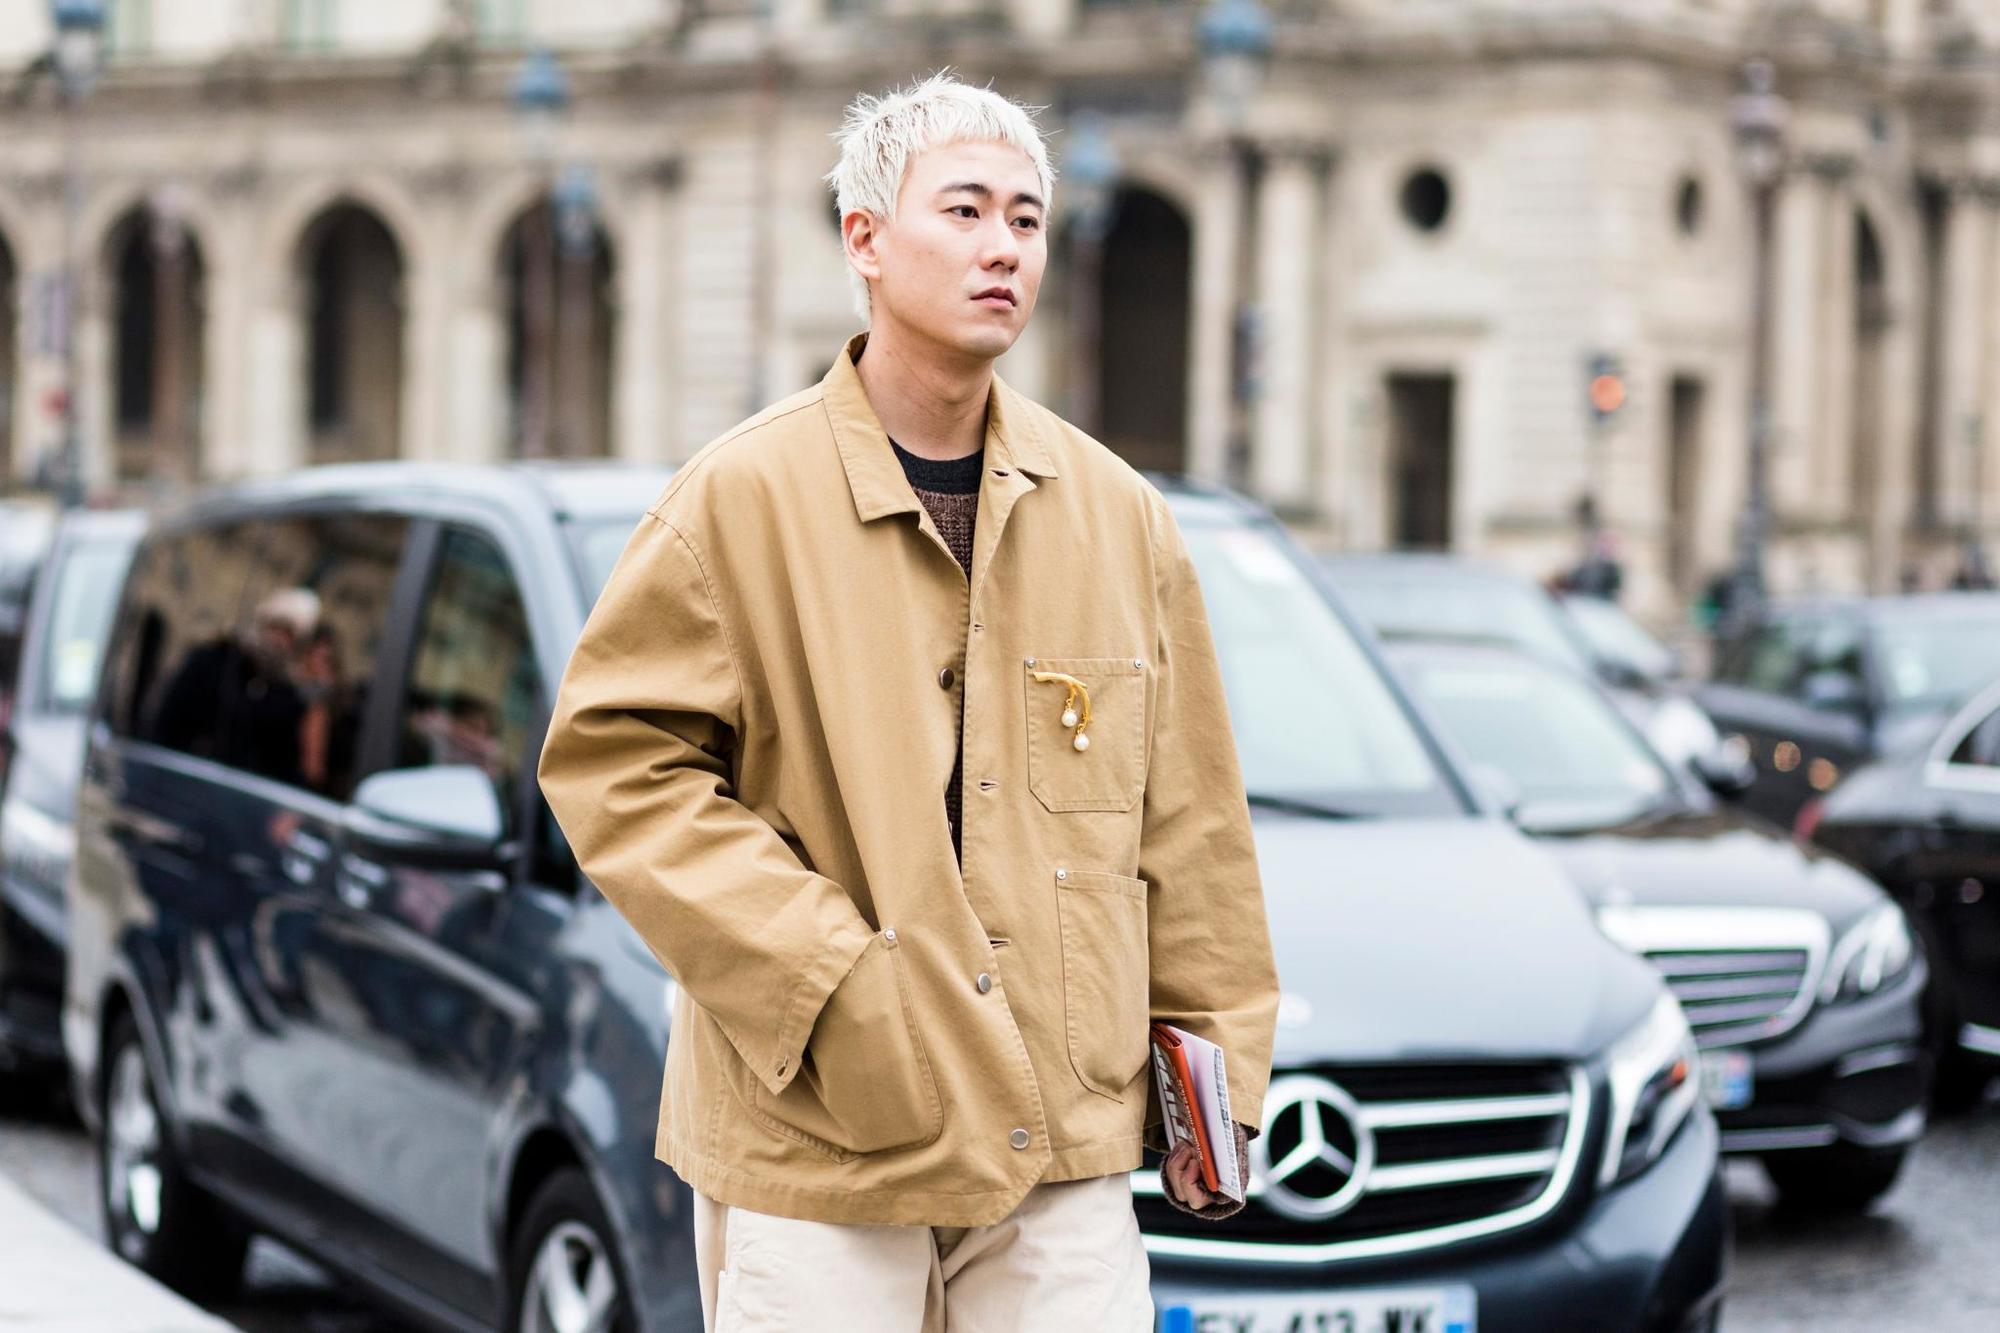 pelo platinado hombre corte animético hombre asiático